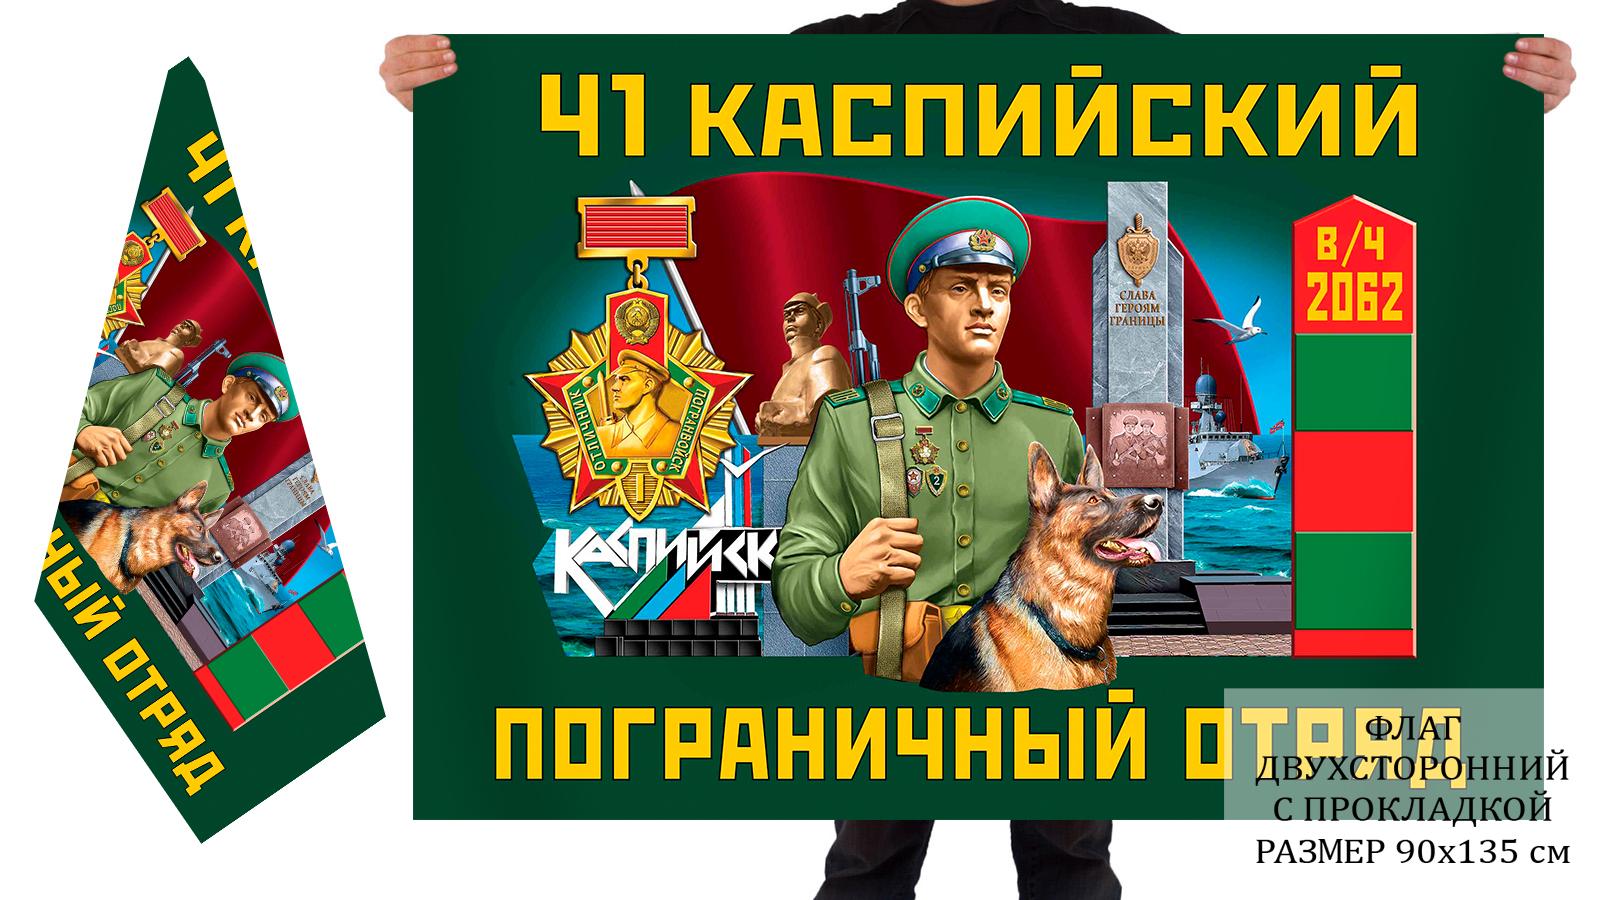 Двусторонний флаг 41 Каспийского погранотряда